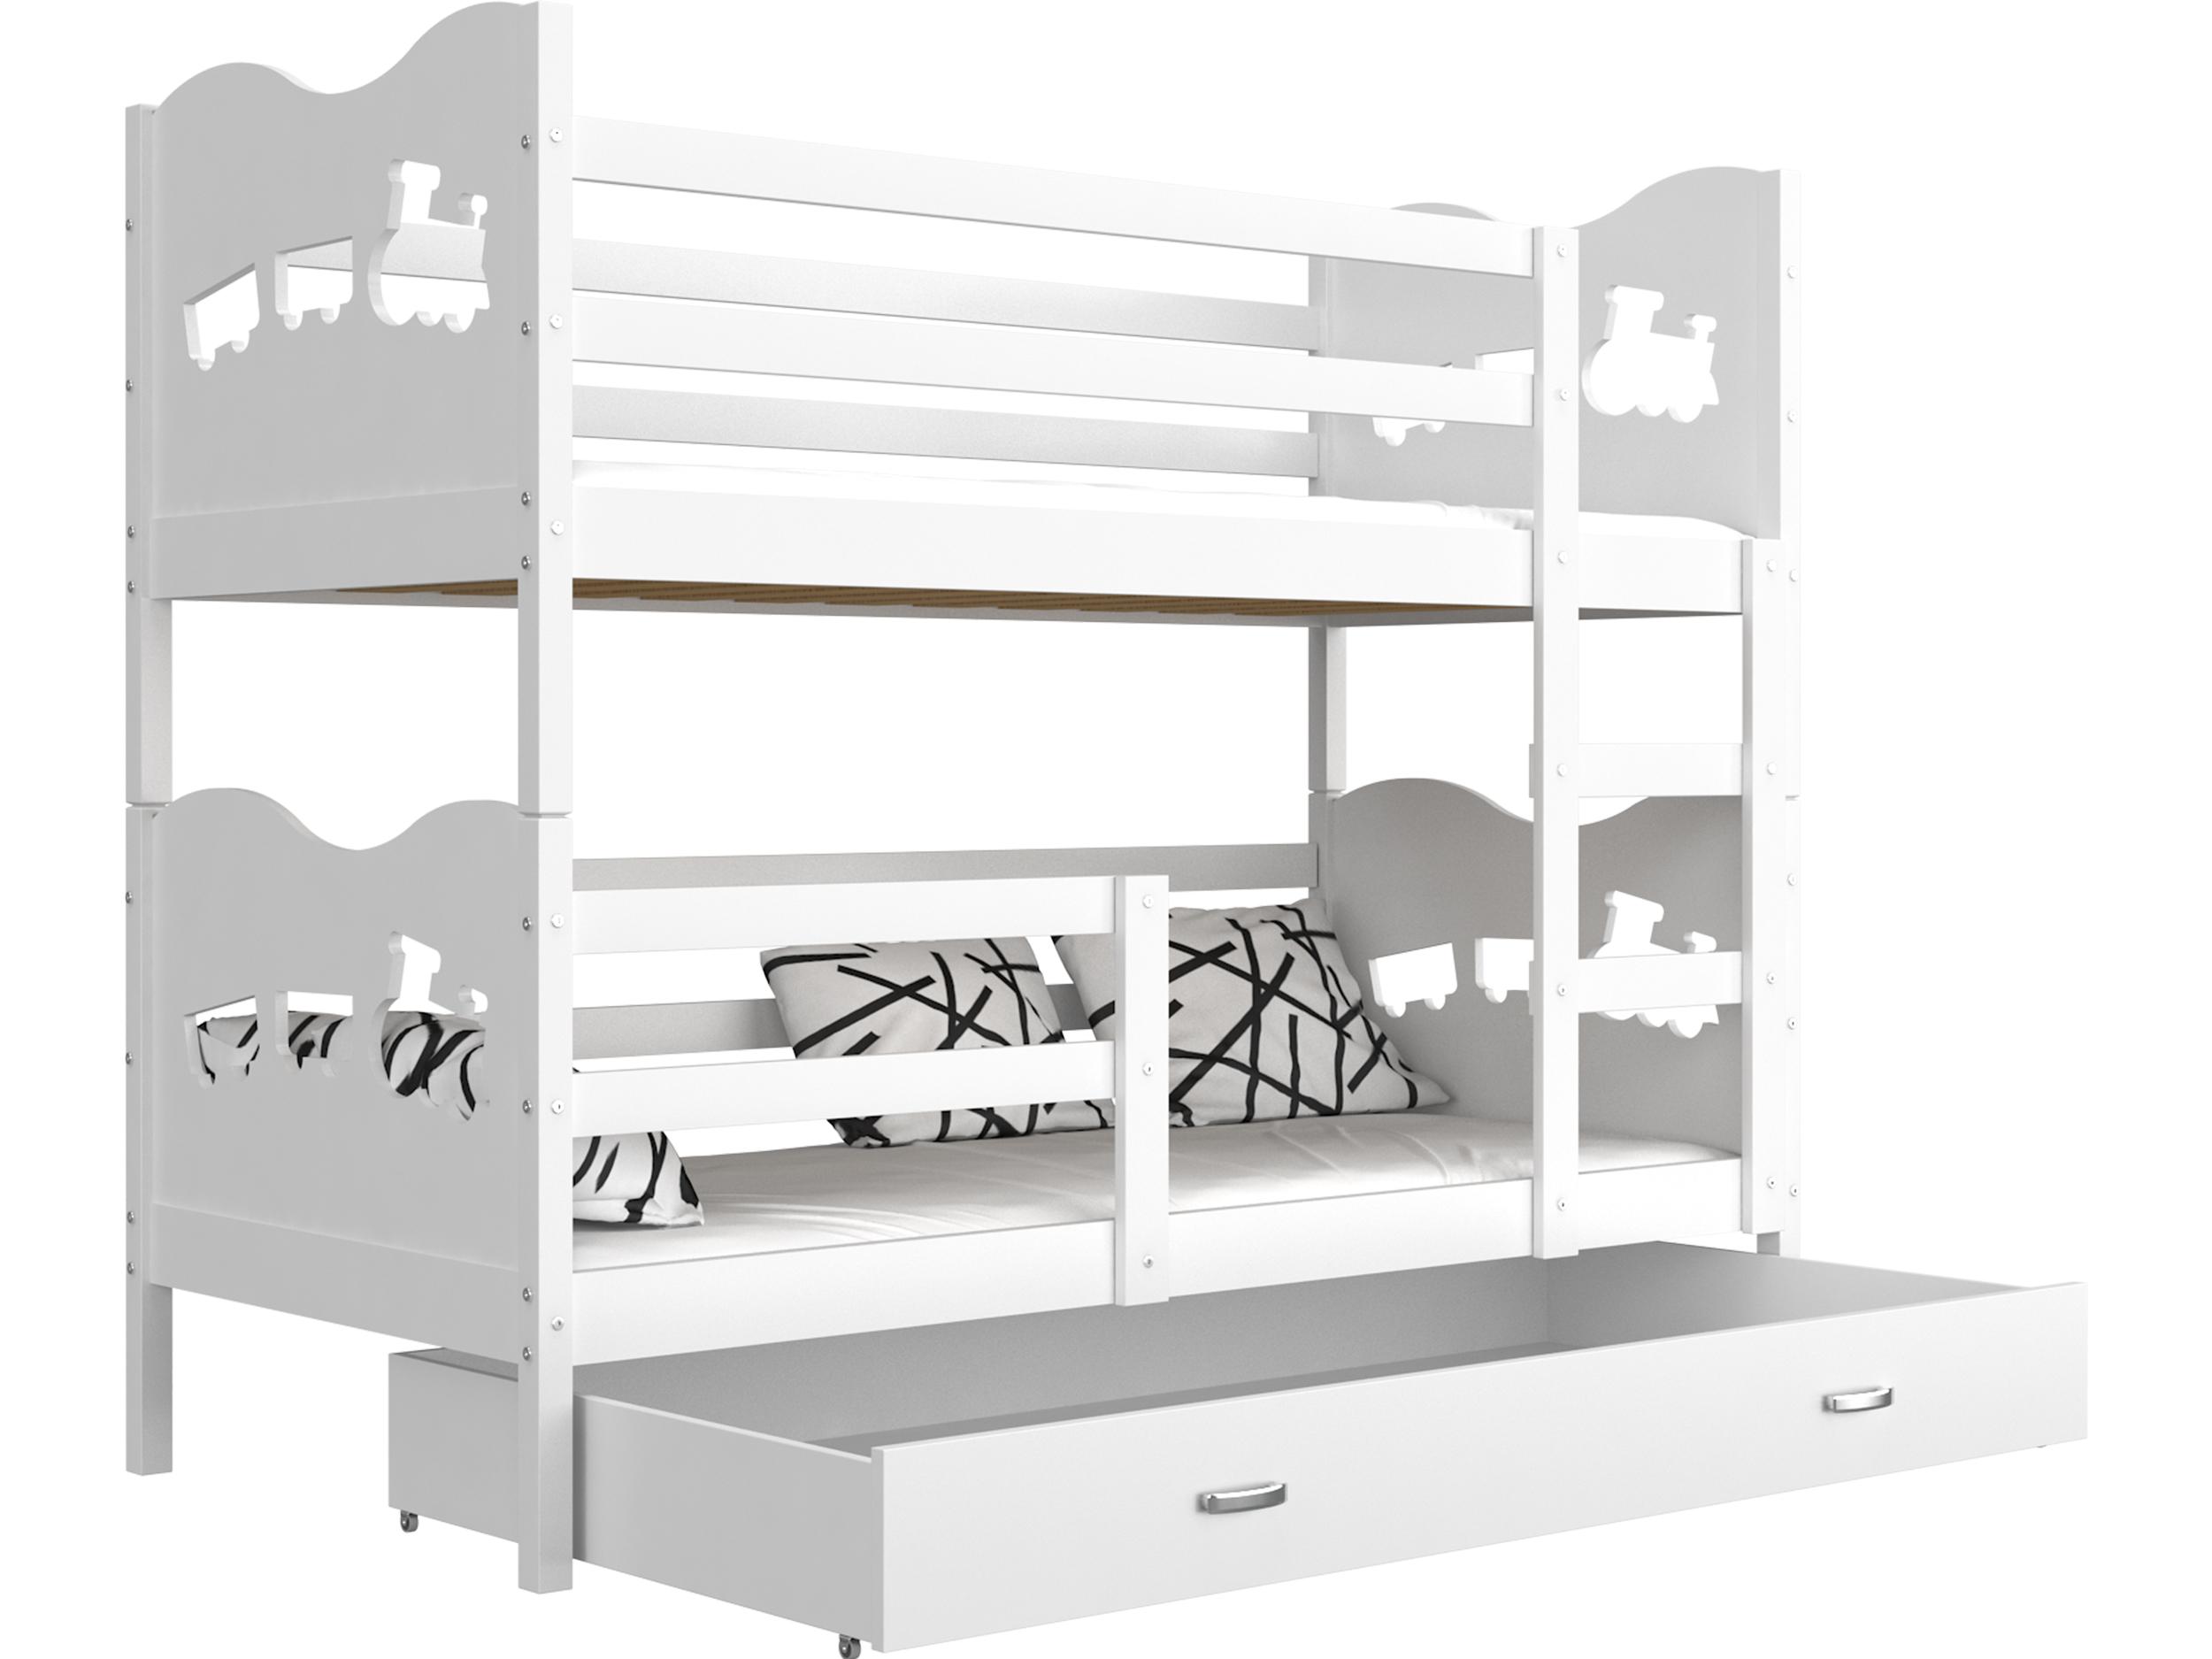 ArtAJ Detská poschodová posteľ MAX / MDF 200 x 90 cm Farba: Biela / biela, s matracom 200 x 90 cm